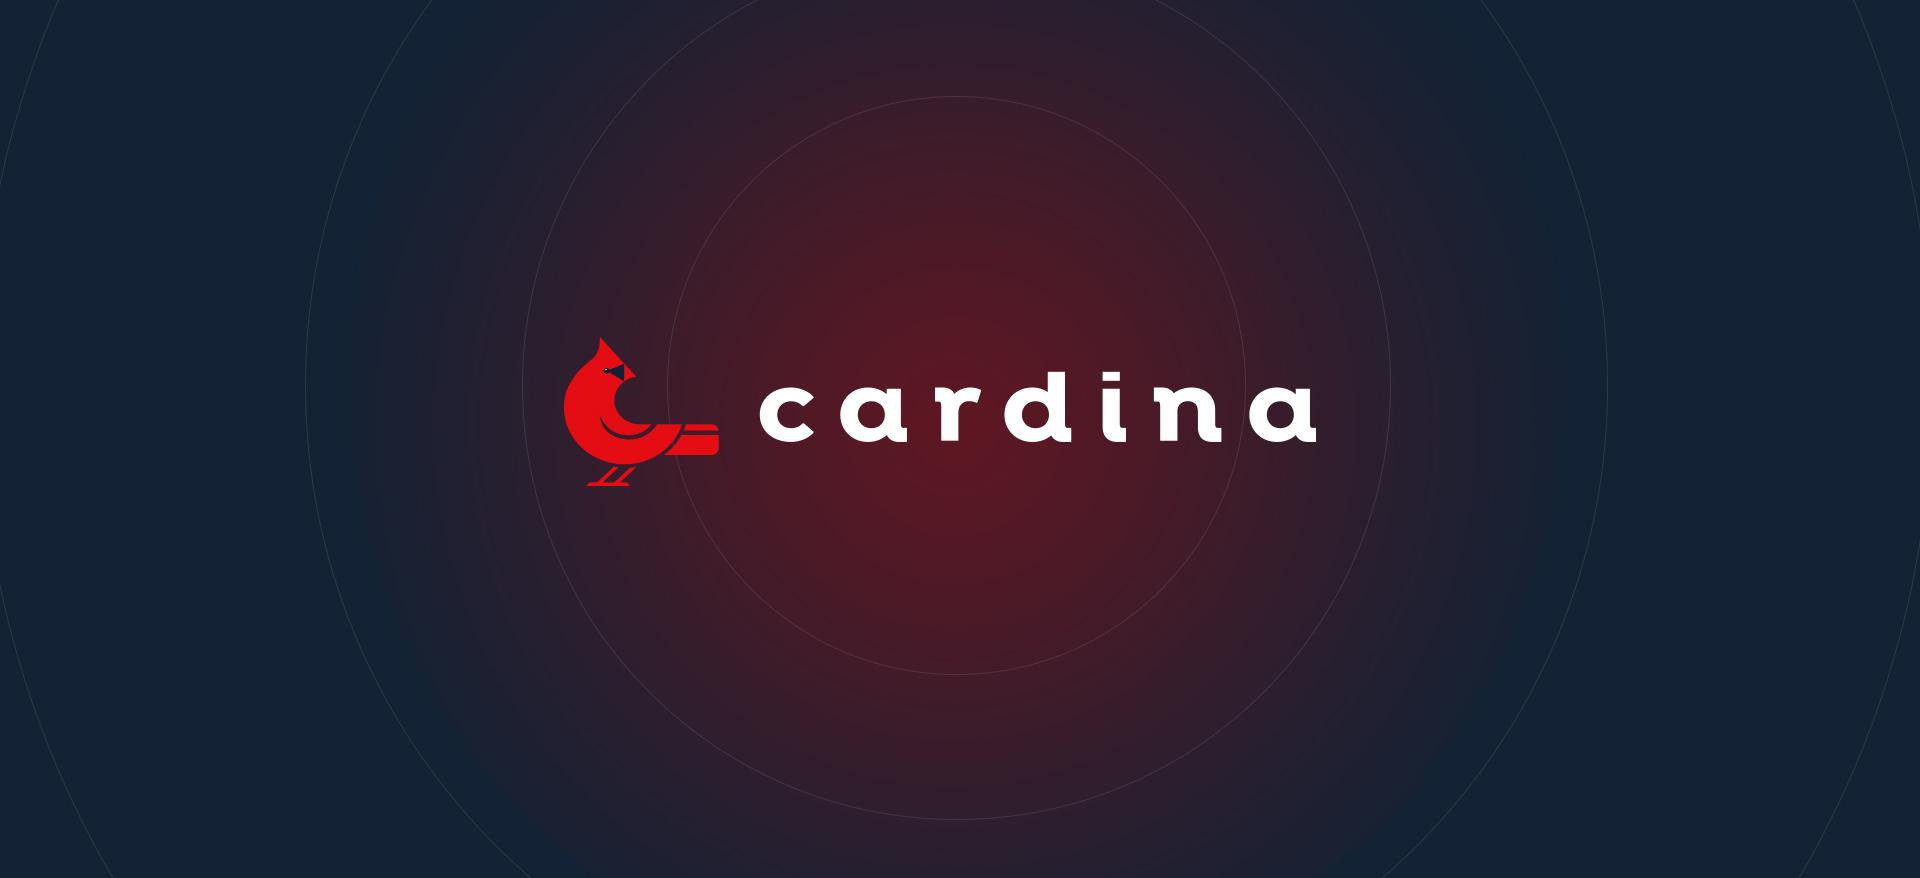 Cardina_logo_okladka